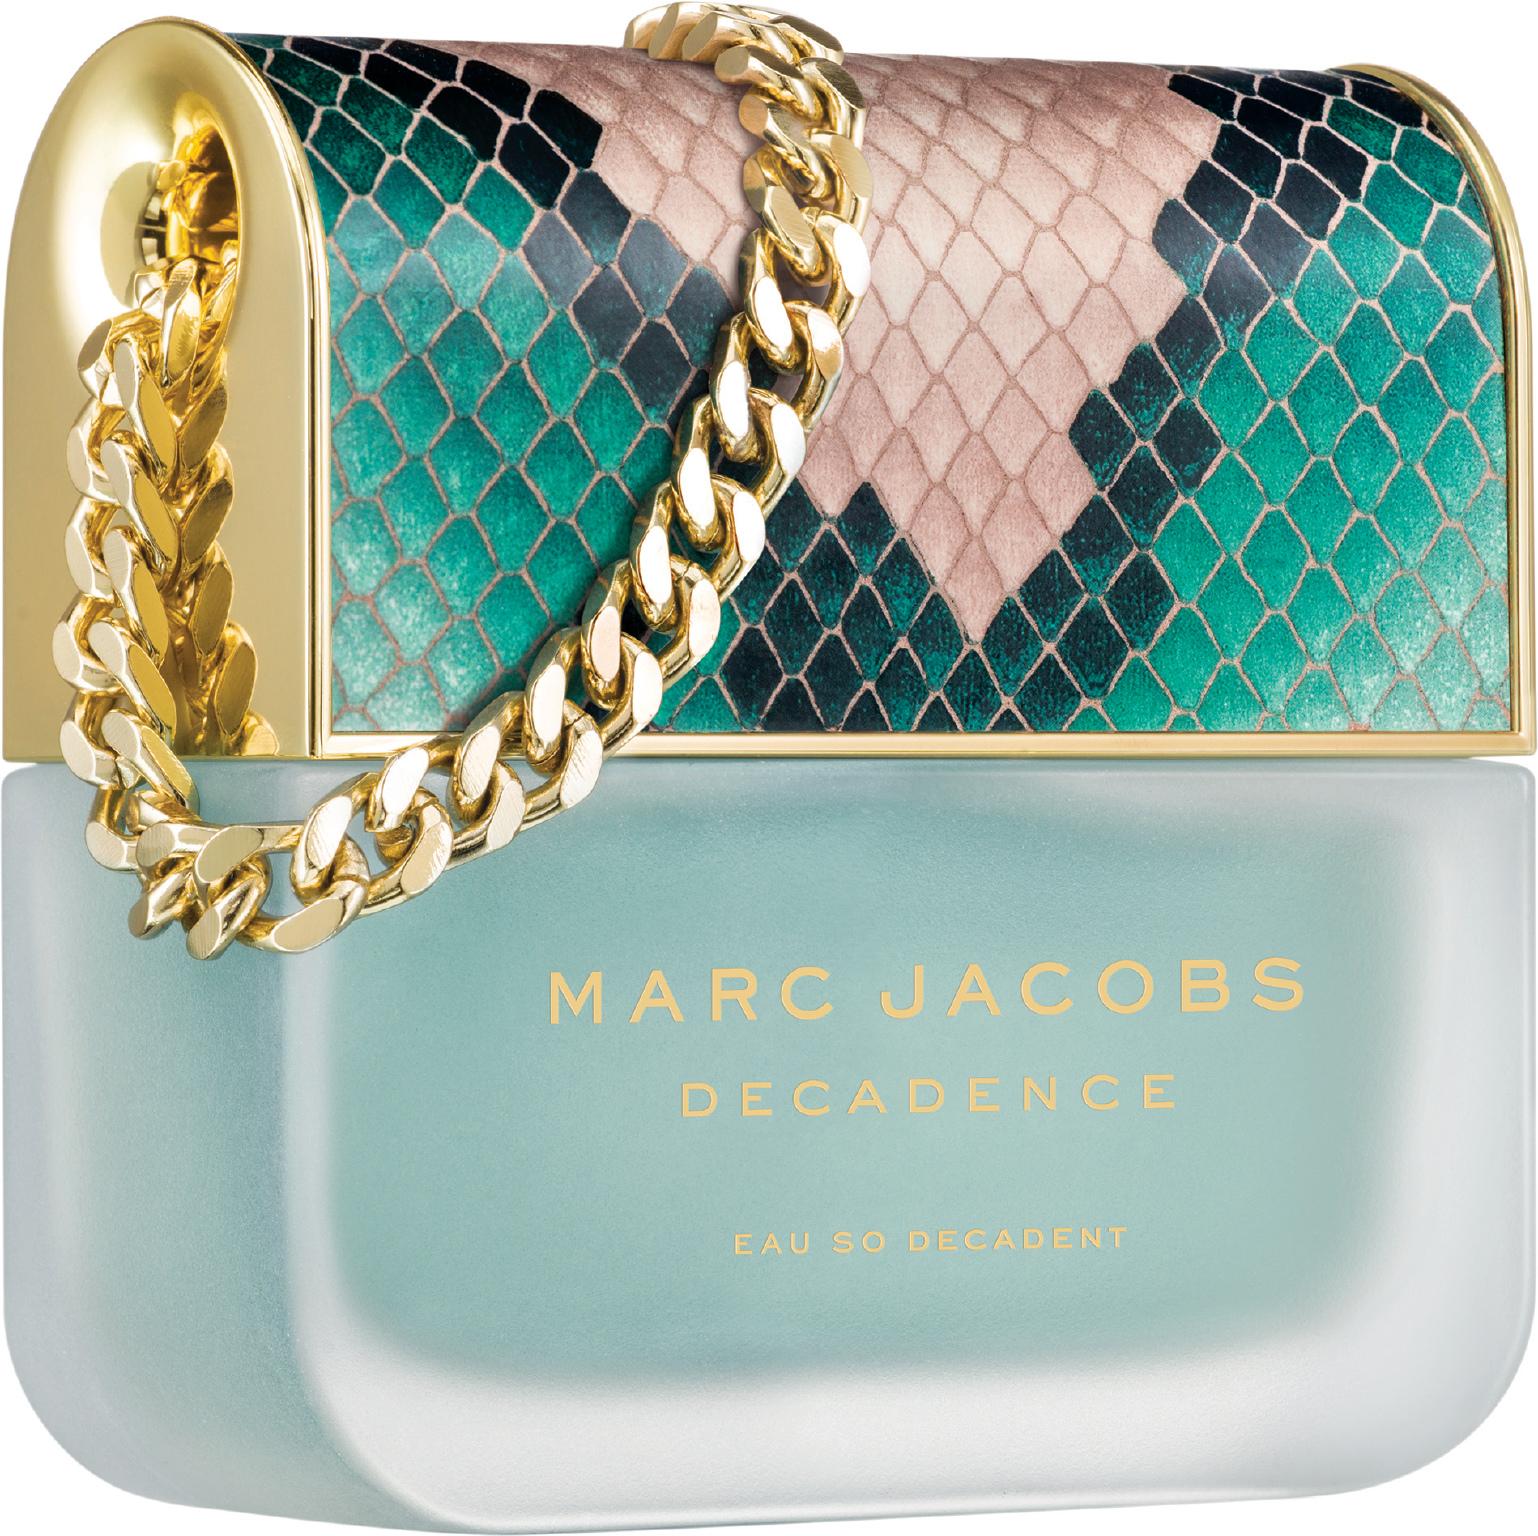 Marc Jacobs Eau So Decadence EDT, 50 ml